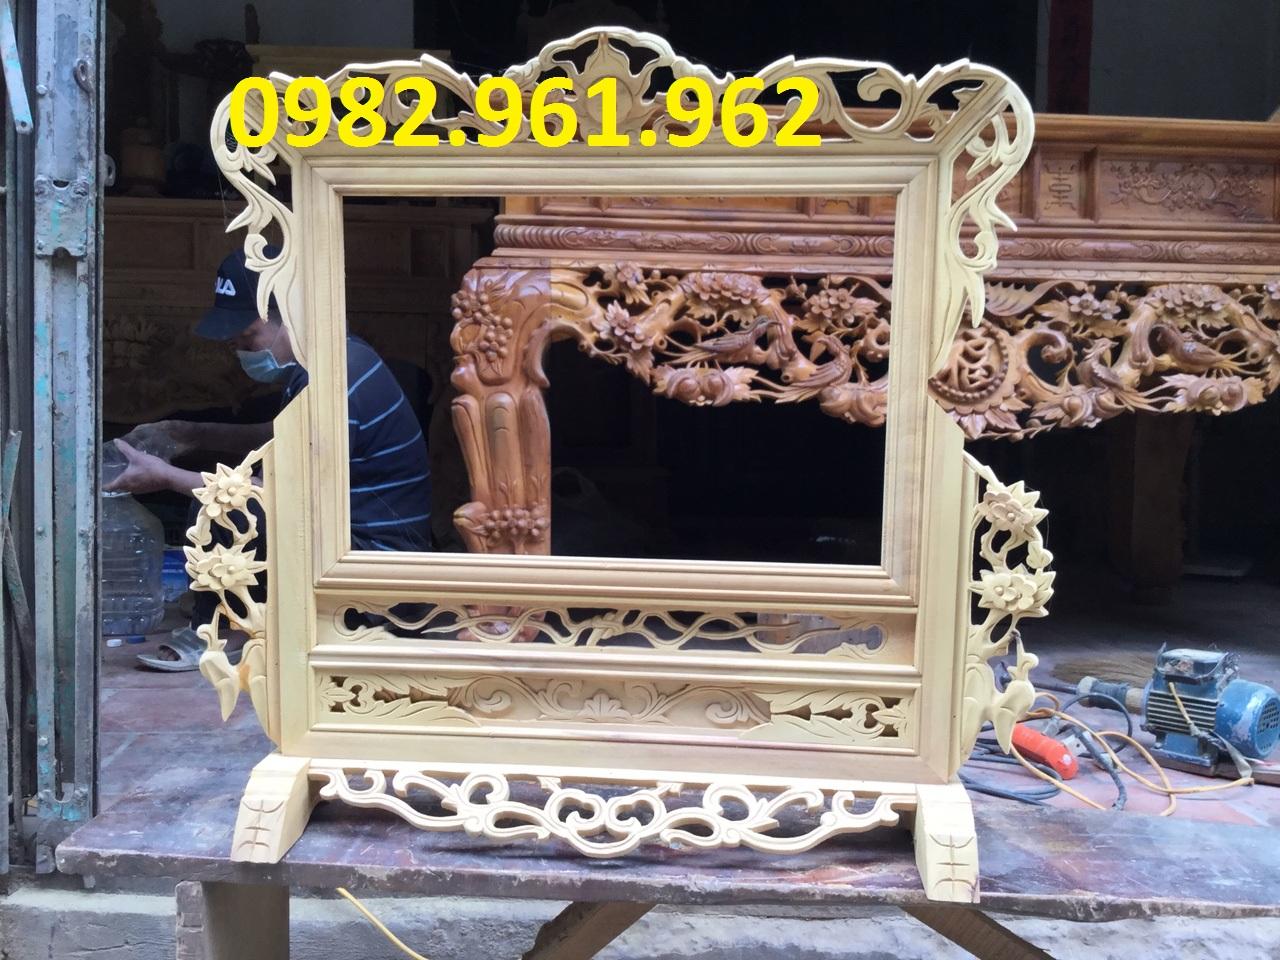 khung ảnh thờ đôi gỗ sơn pu